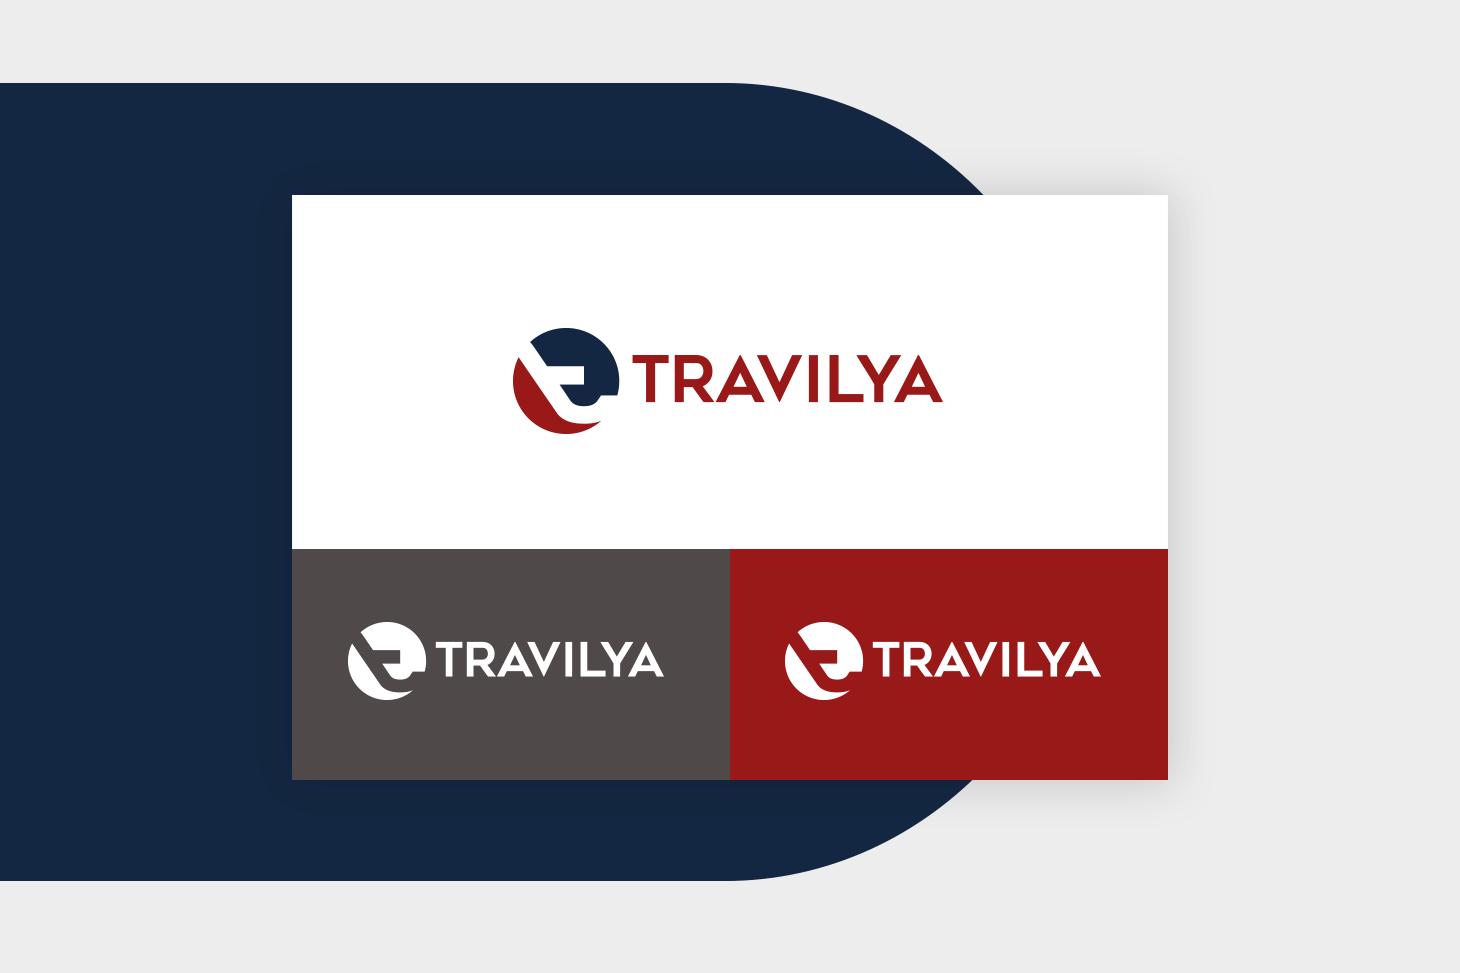 Travilya